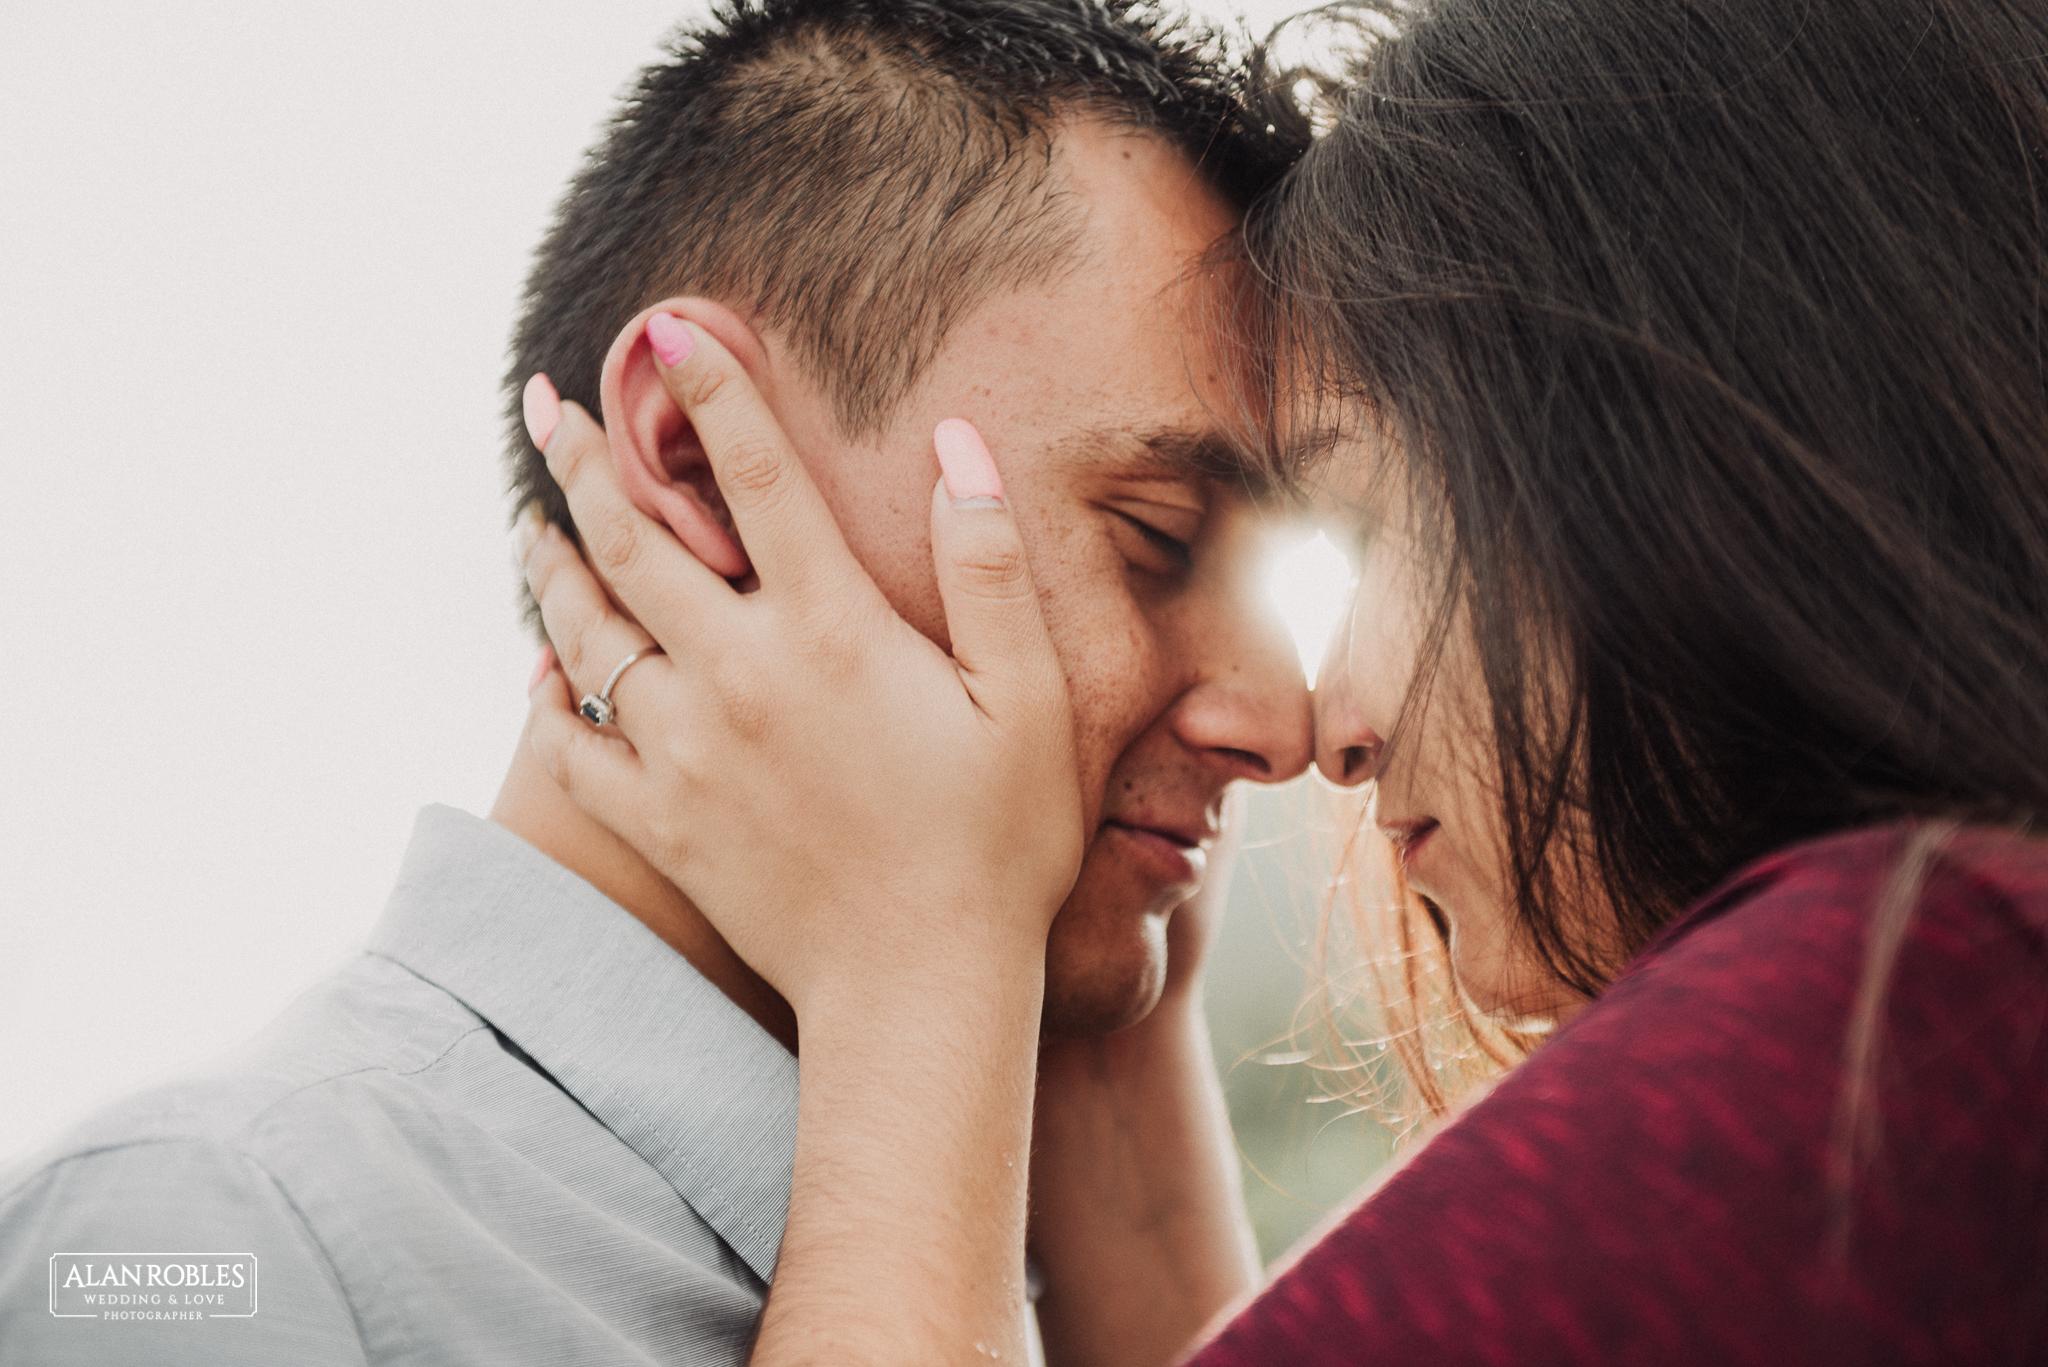 Sesion de fotos Preboda en Laguna de Cajititlan. Fotografia de bodas - Alan Robles Wedding & Love Photographer, Fotografo de bodas en Guadalajara. Muelle en lago, fotos creativas para boda. Ideas para fotos de boda. Sesion de amor. Anillo de compromiso.